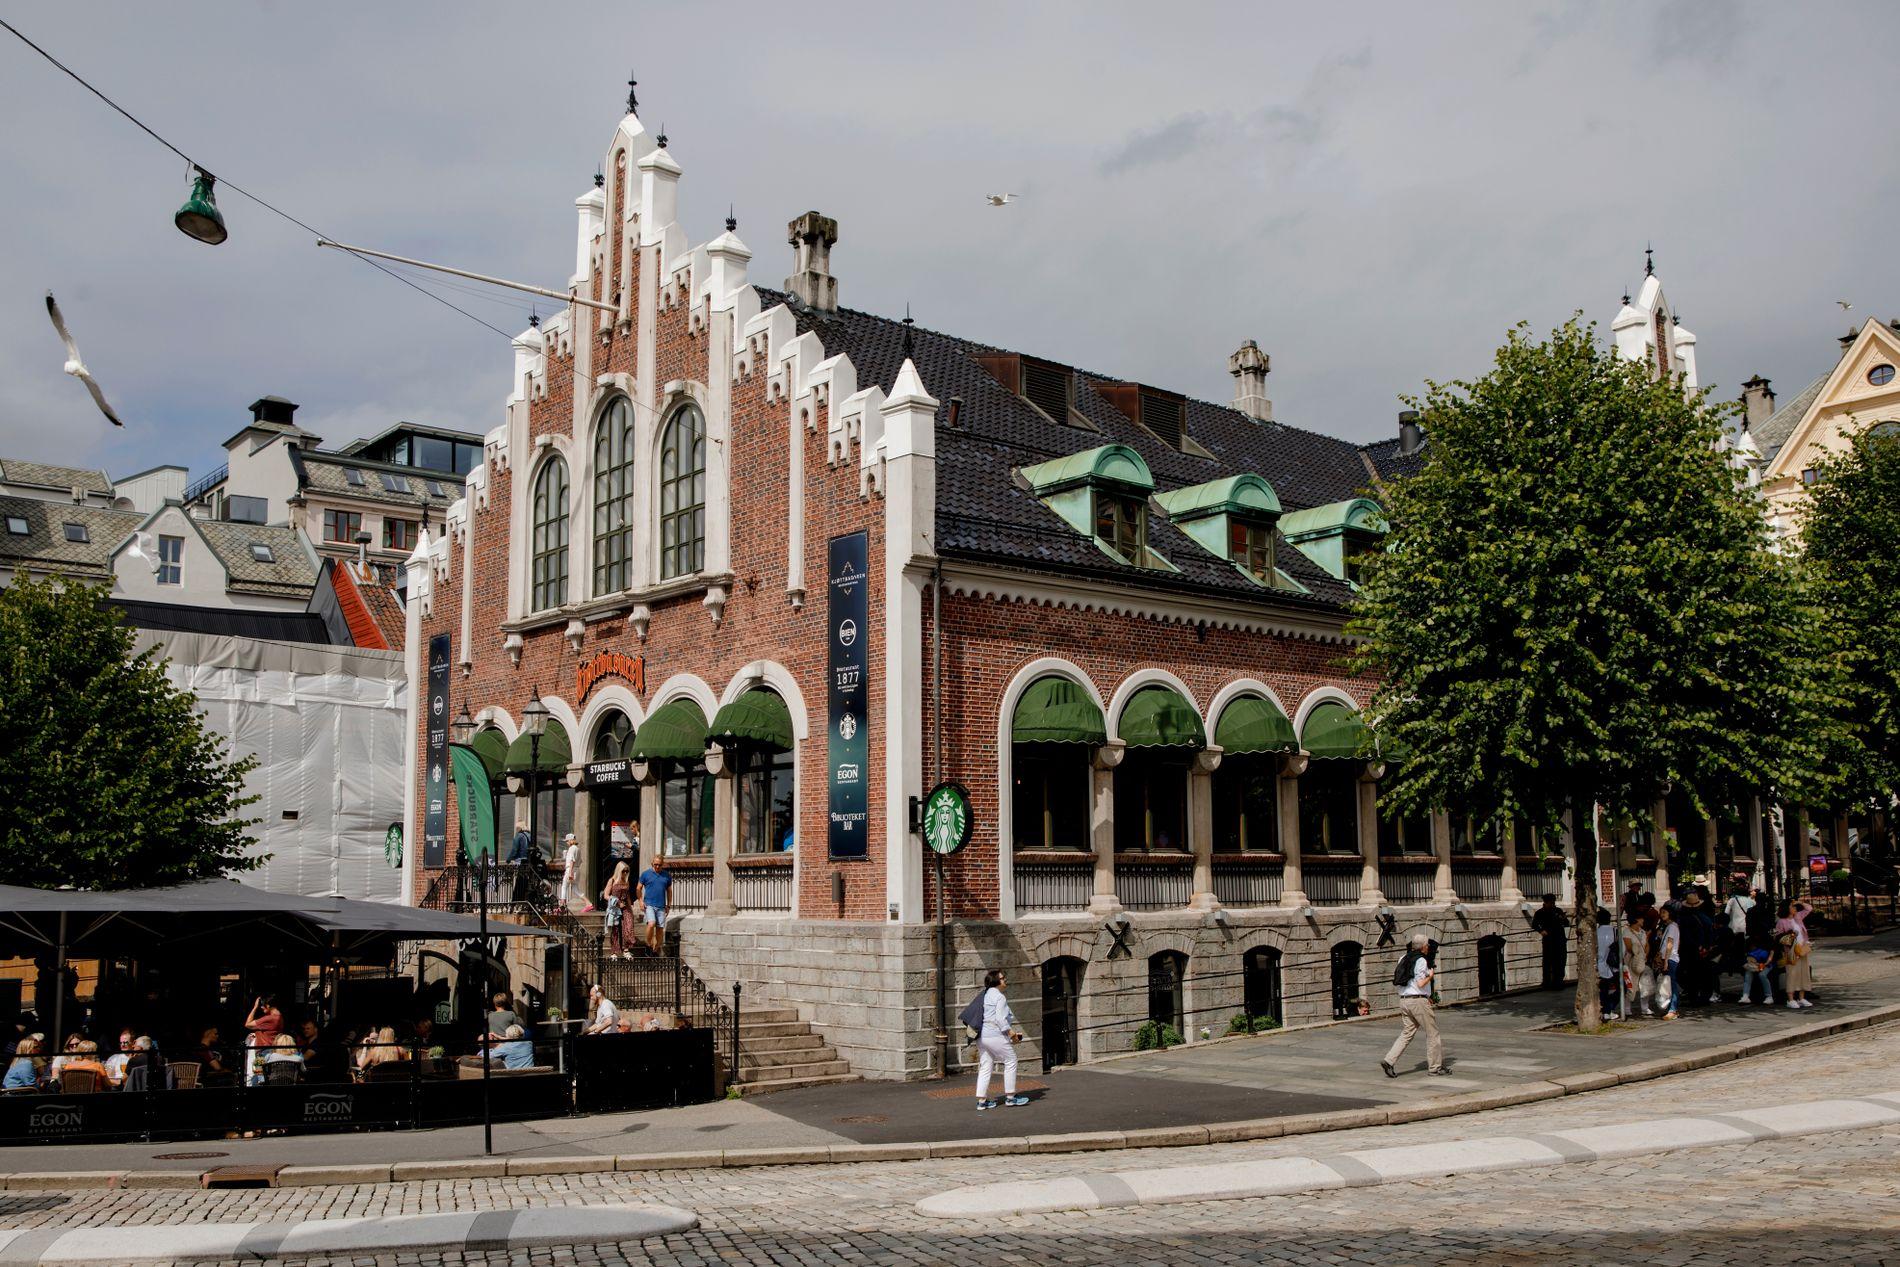 1877: Kjøttbasaren ble bygget på cirka samme tid som to av de andre kandidatene for Bergens fineste bygning, nemlig Johanneskirken og Bergen børs.